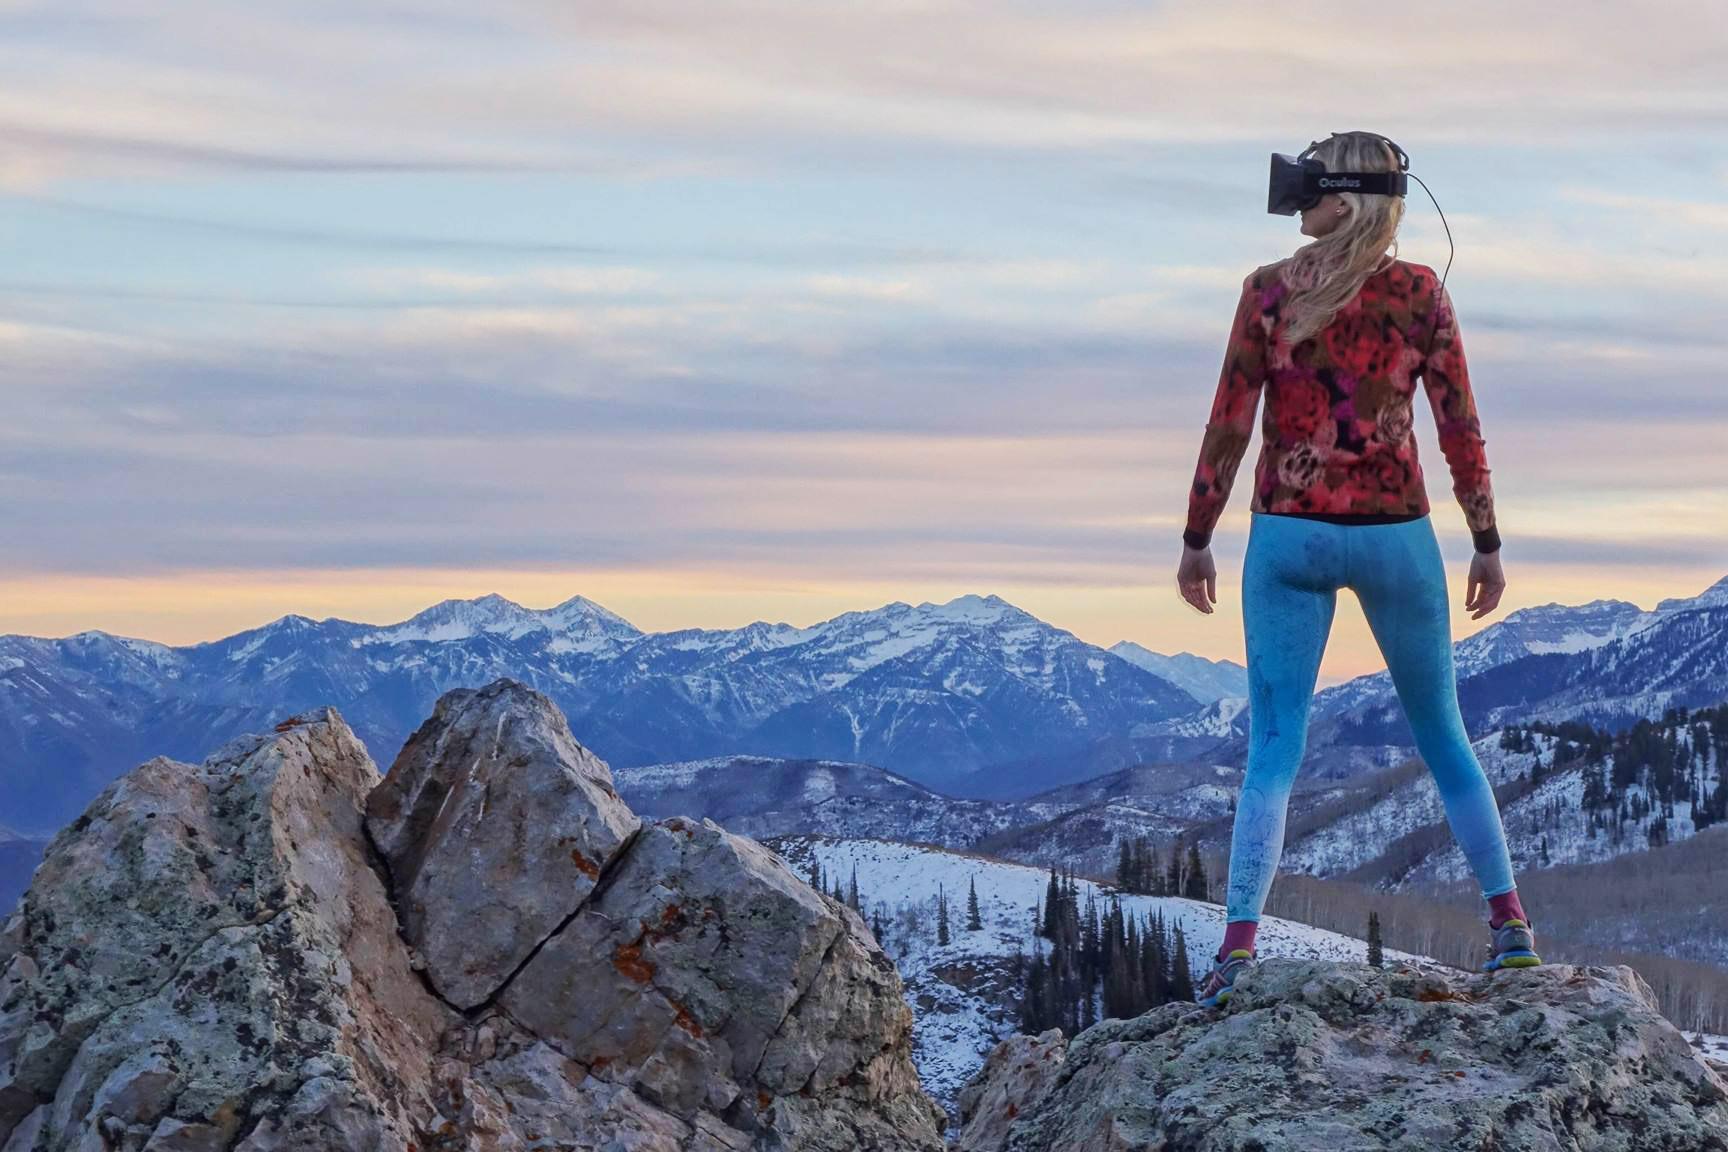 Die VR-Brille bringt uns in neue Umgebungen und führt uns zu neuen Abenteuern.